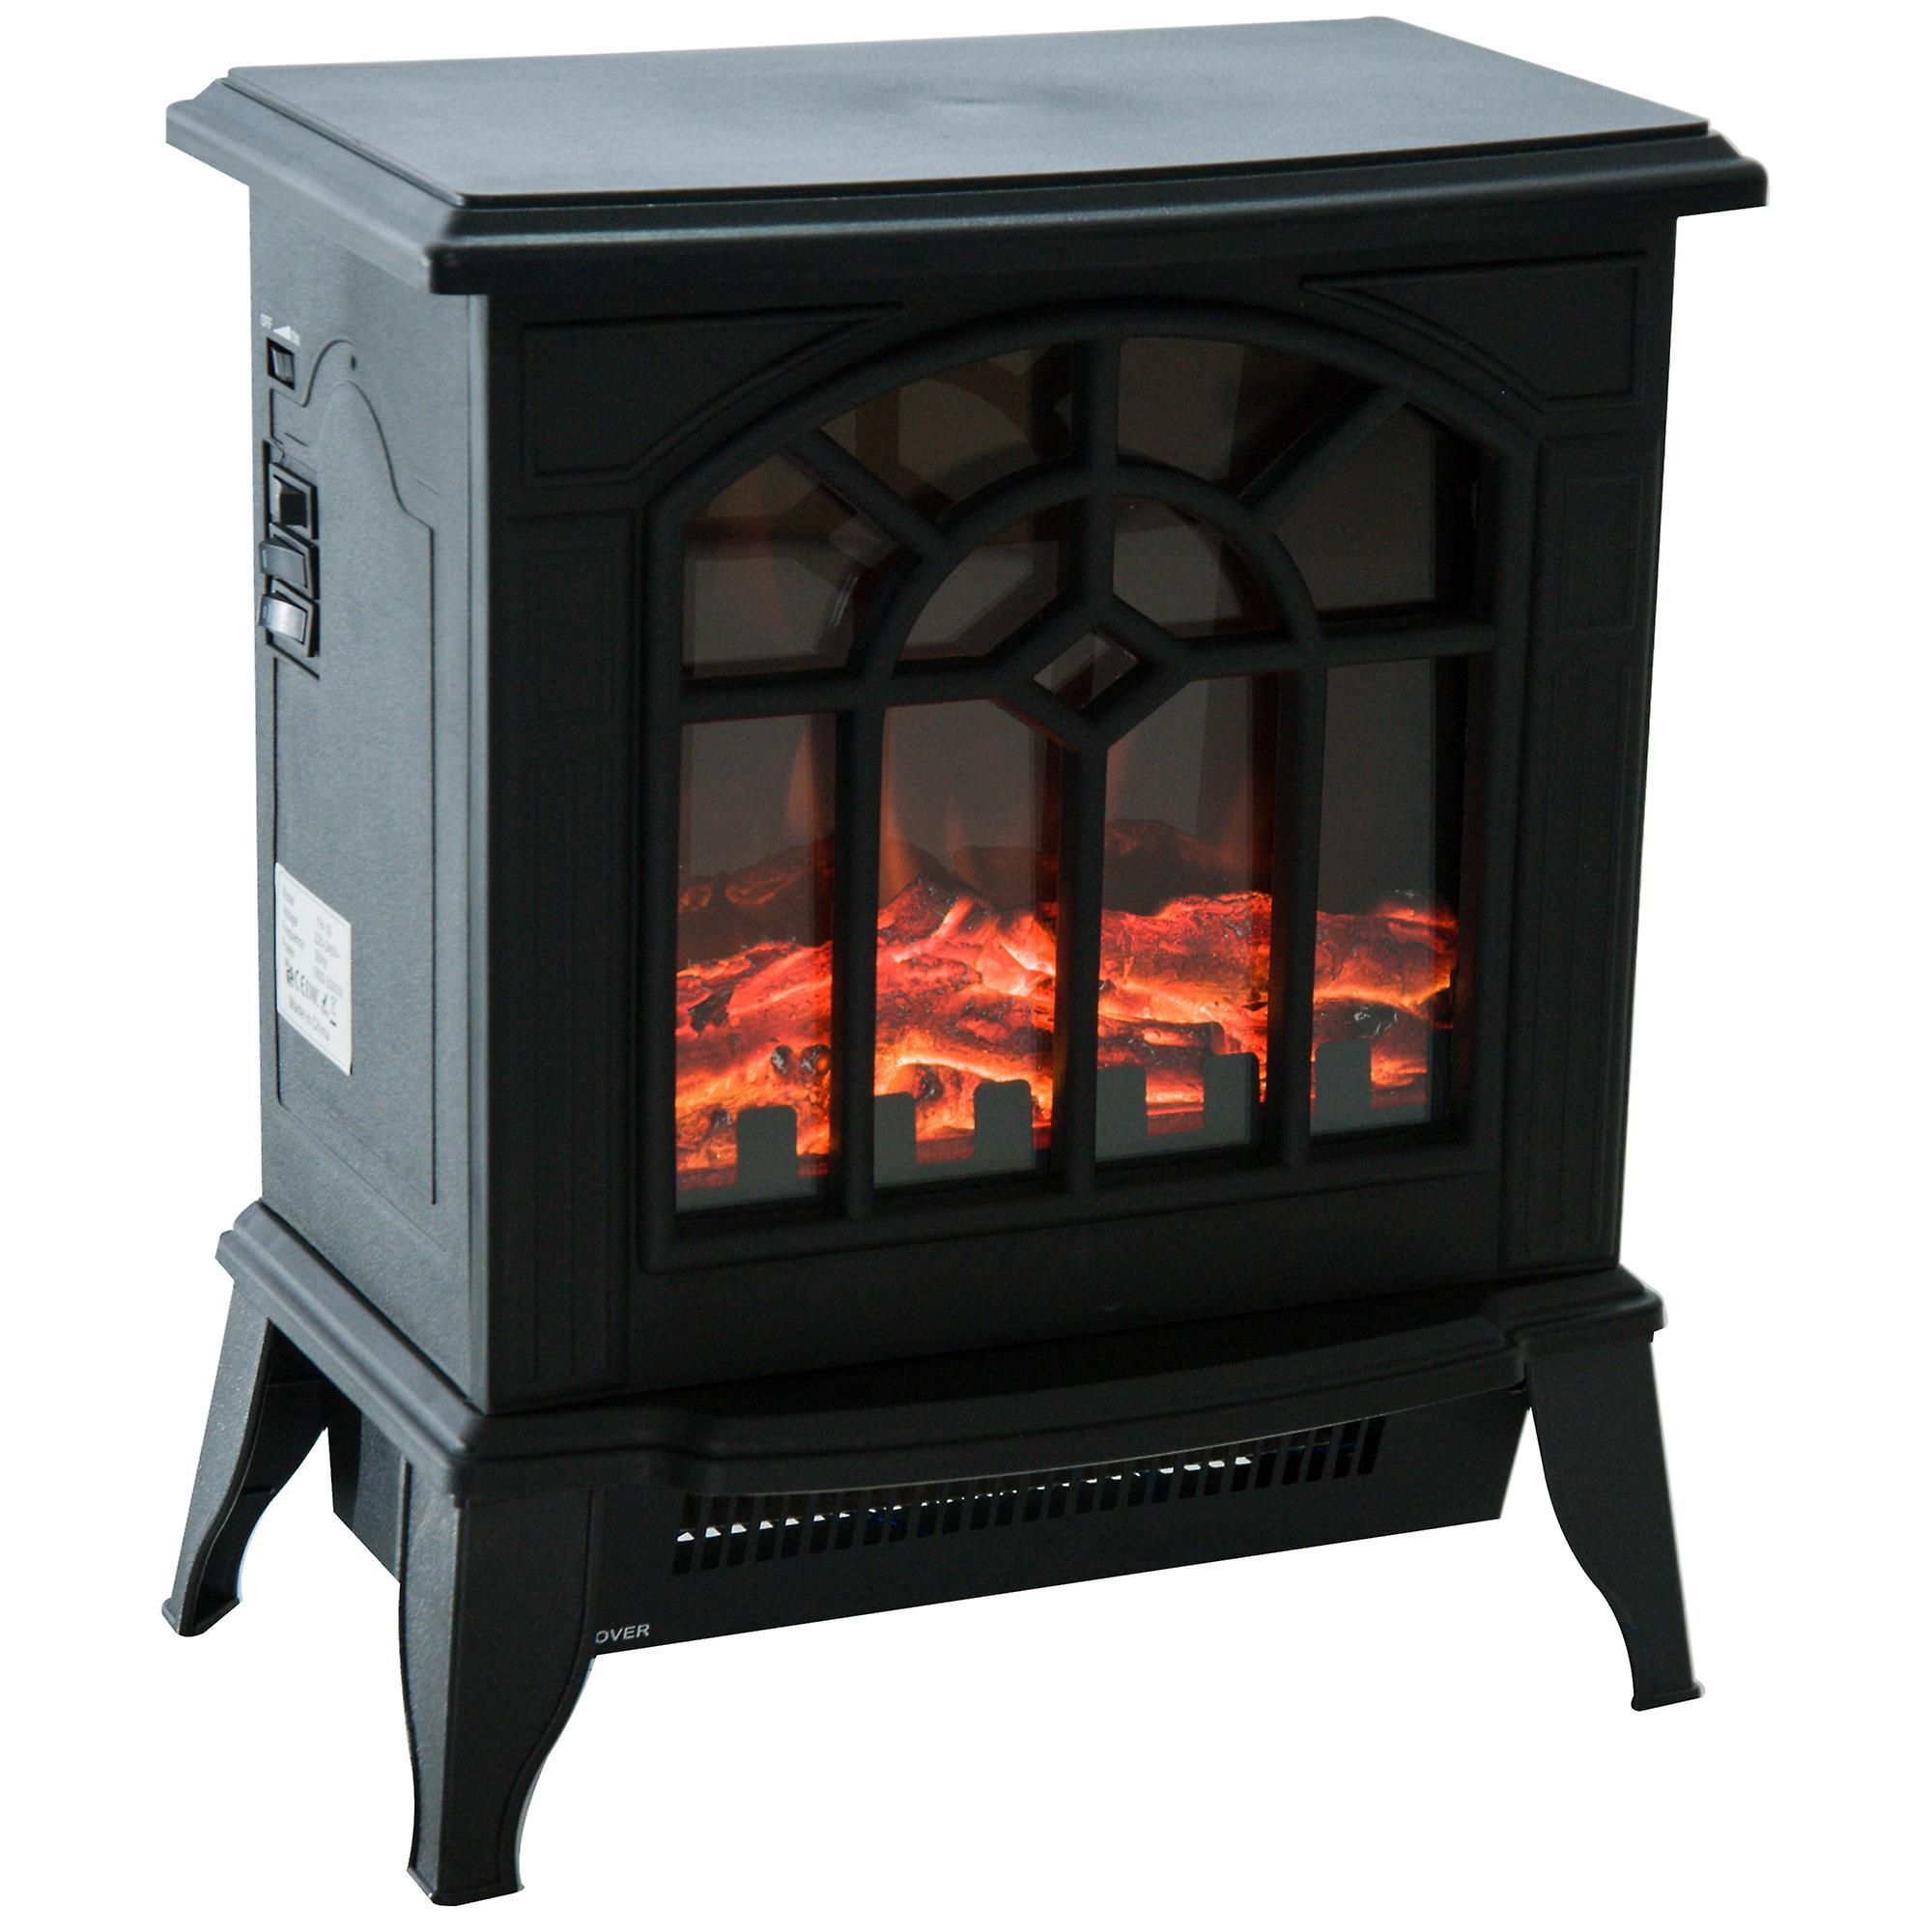 HOMCOM 900W/1800W Freestanding Electric Fire Indoor Heater Stove £52.01 @ Fruugo